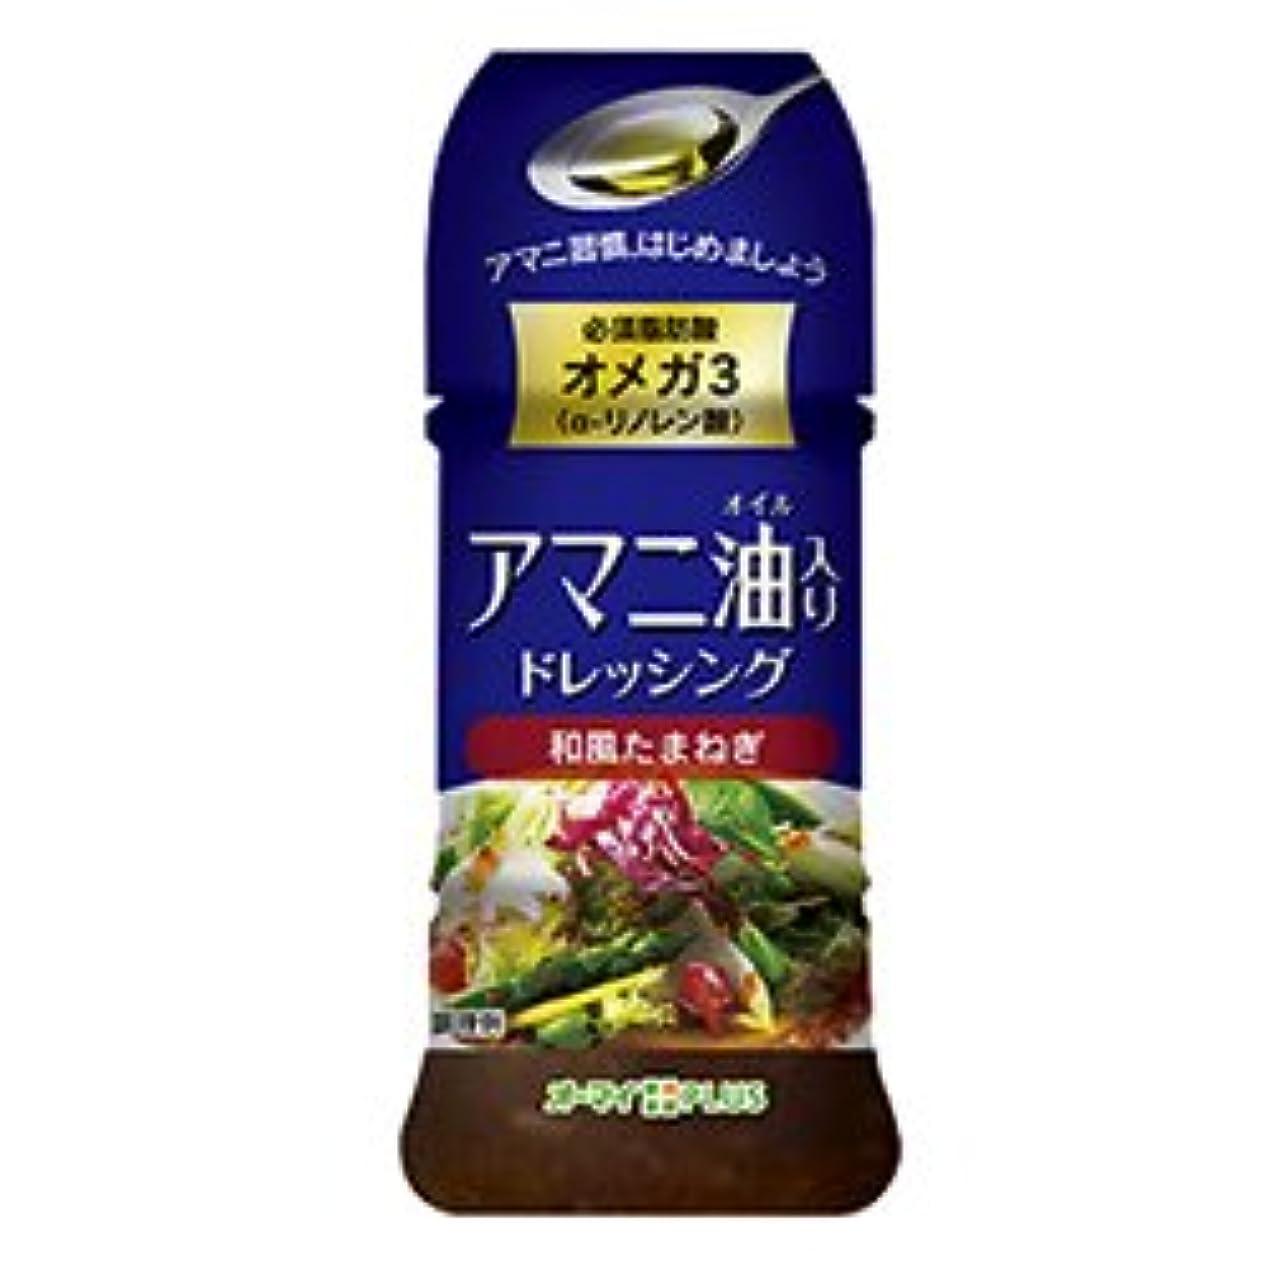 耐えられない残酷な障害アマニ油ドレッシング 和風たまねぎ【5本セット】日本製粉